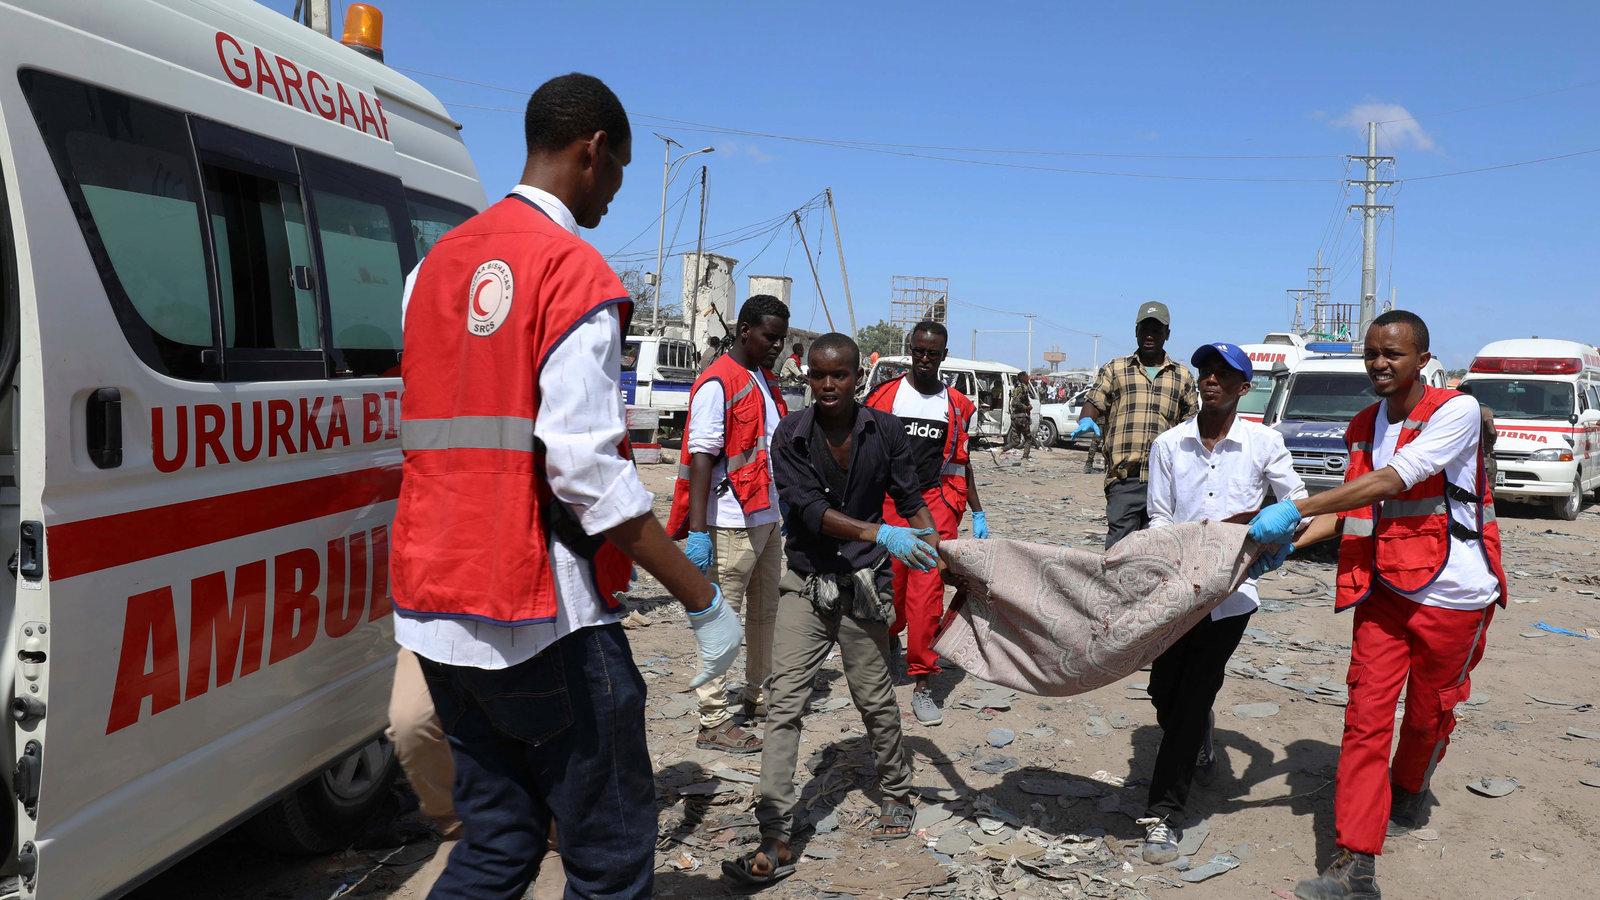 Somalia Bombing Kills Dozens in Mogadishu